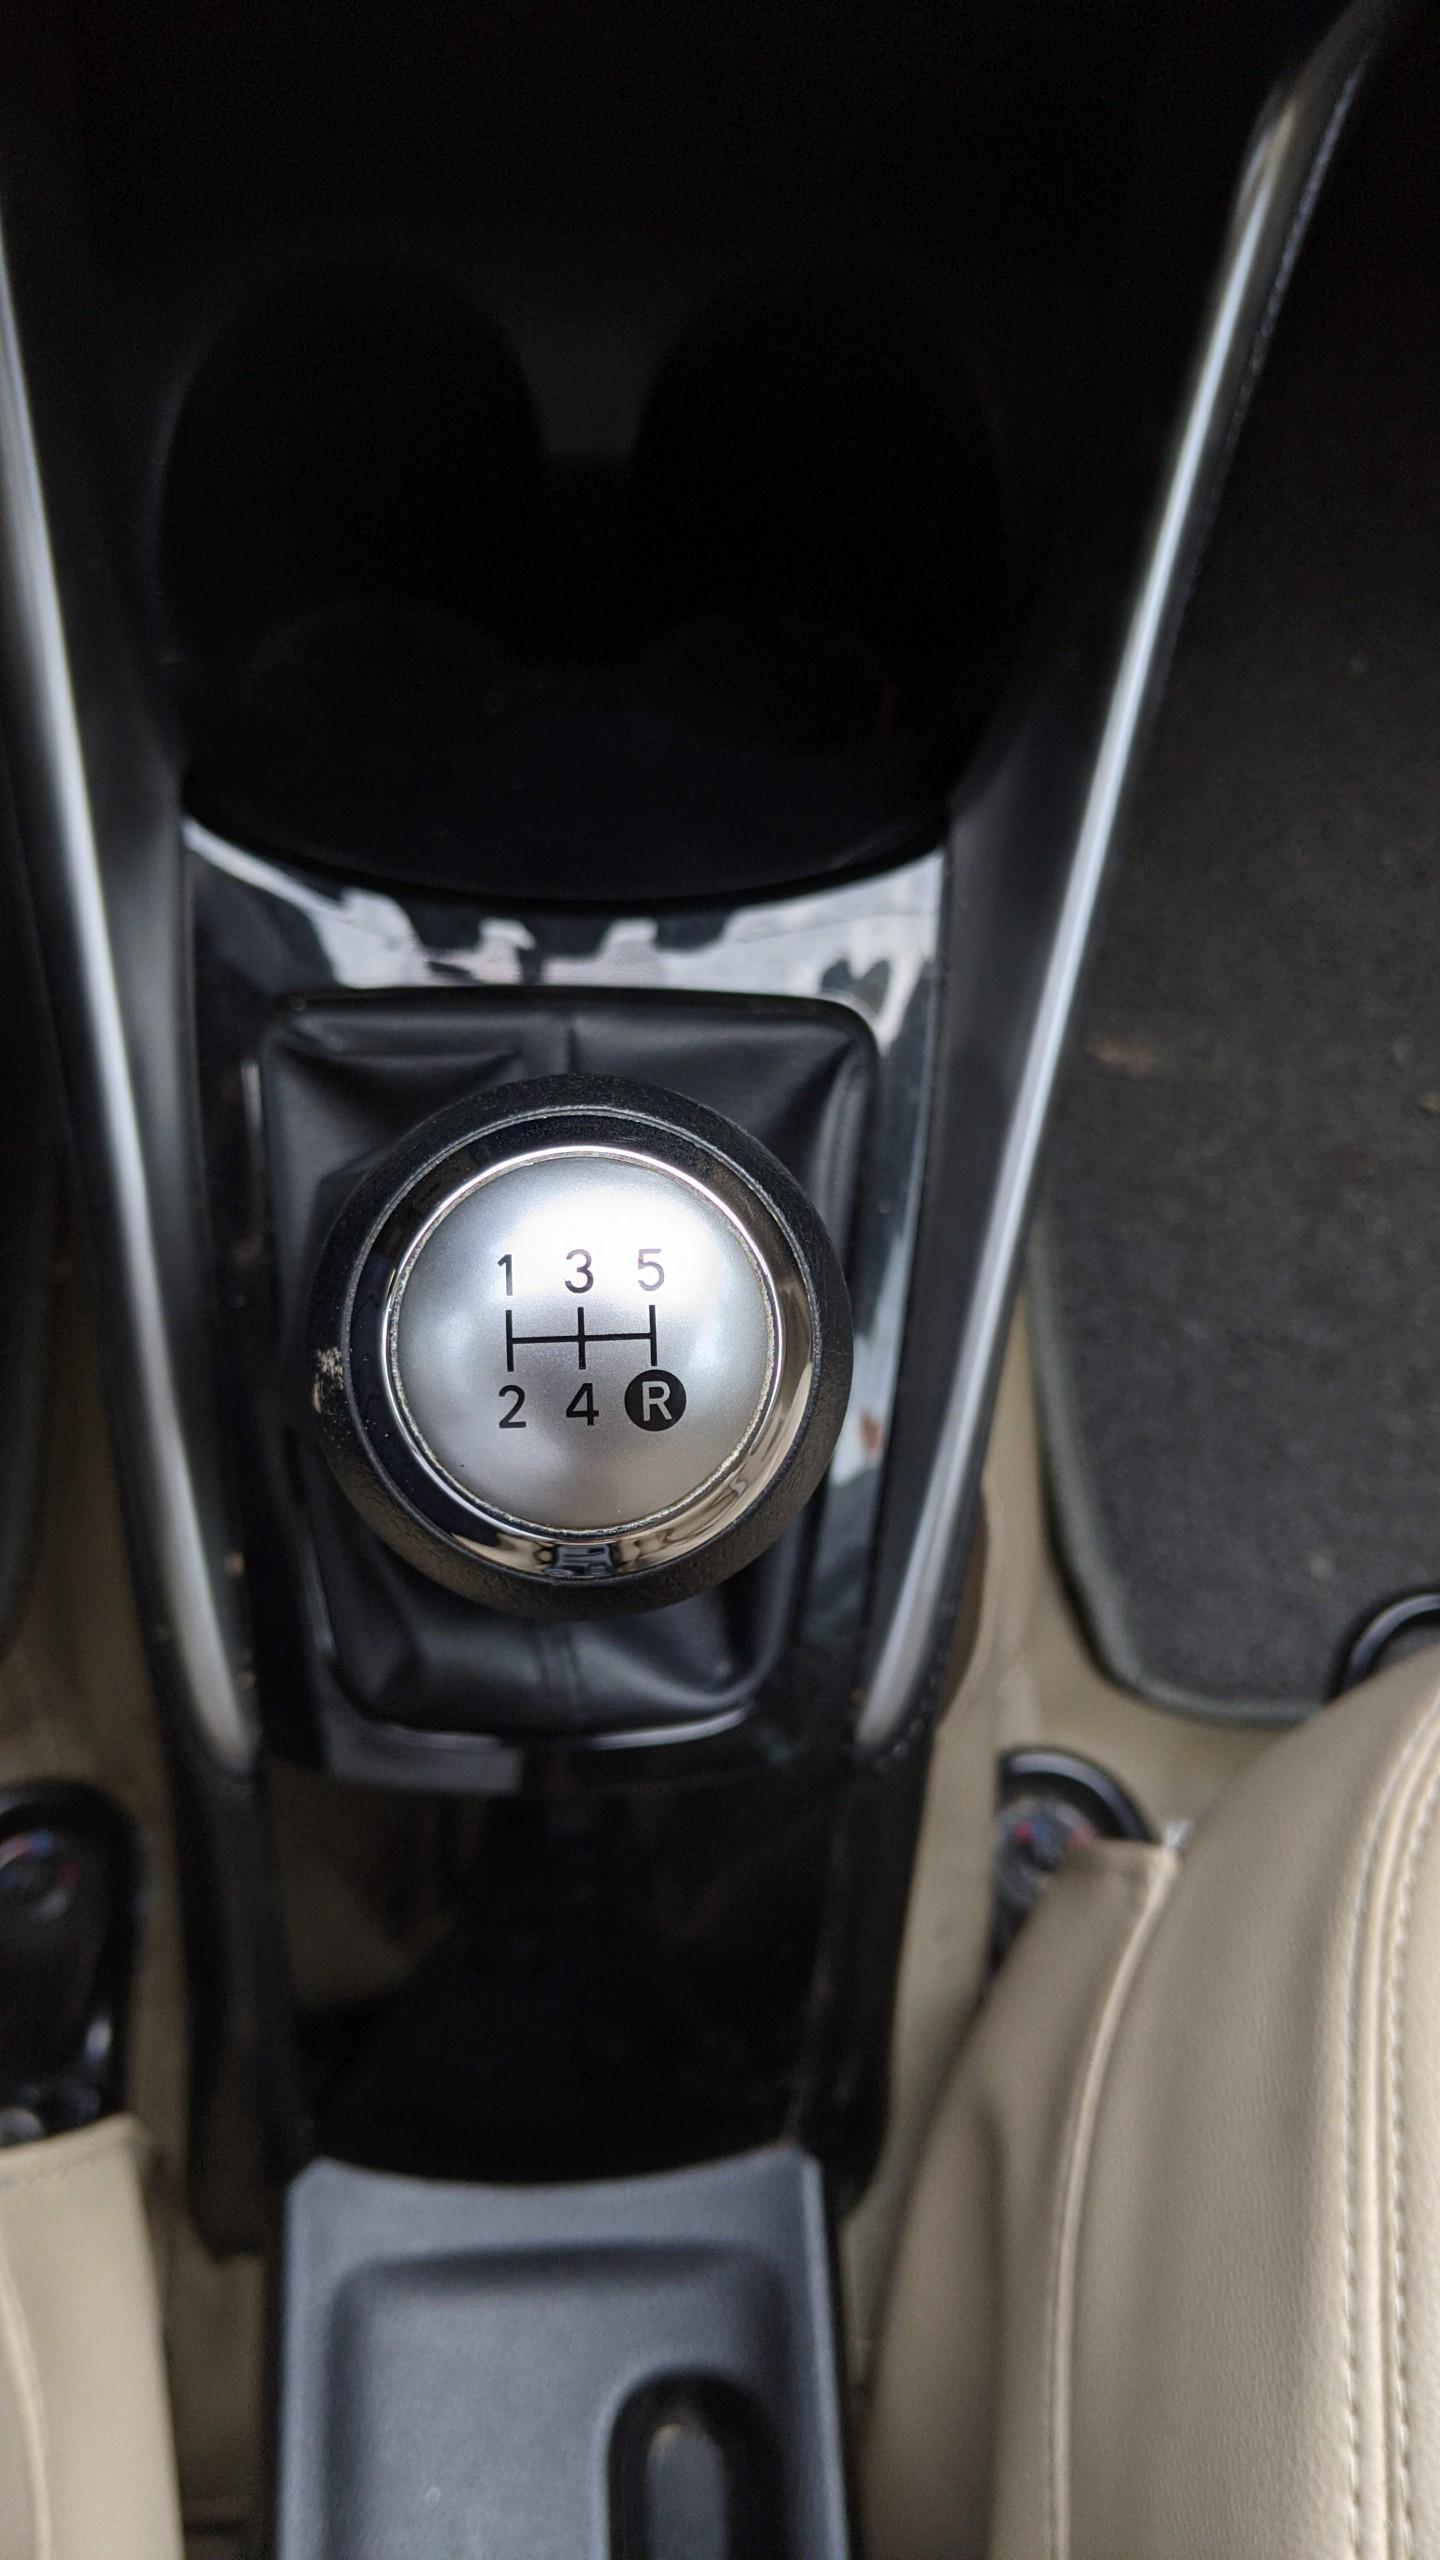 Bán Toyota Vios E MT đời 2018, màu nâu vàng, lướt 13.000km giá cực sốc